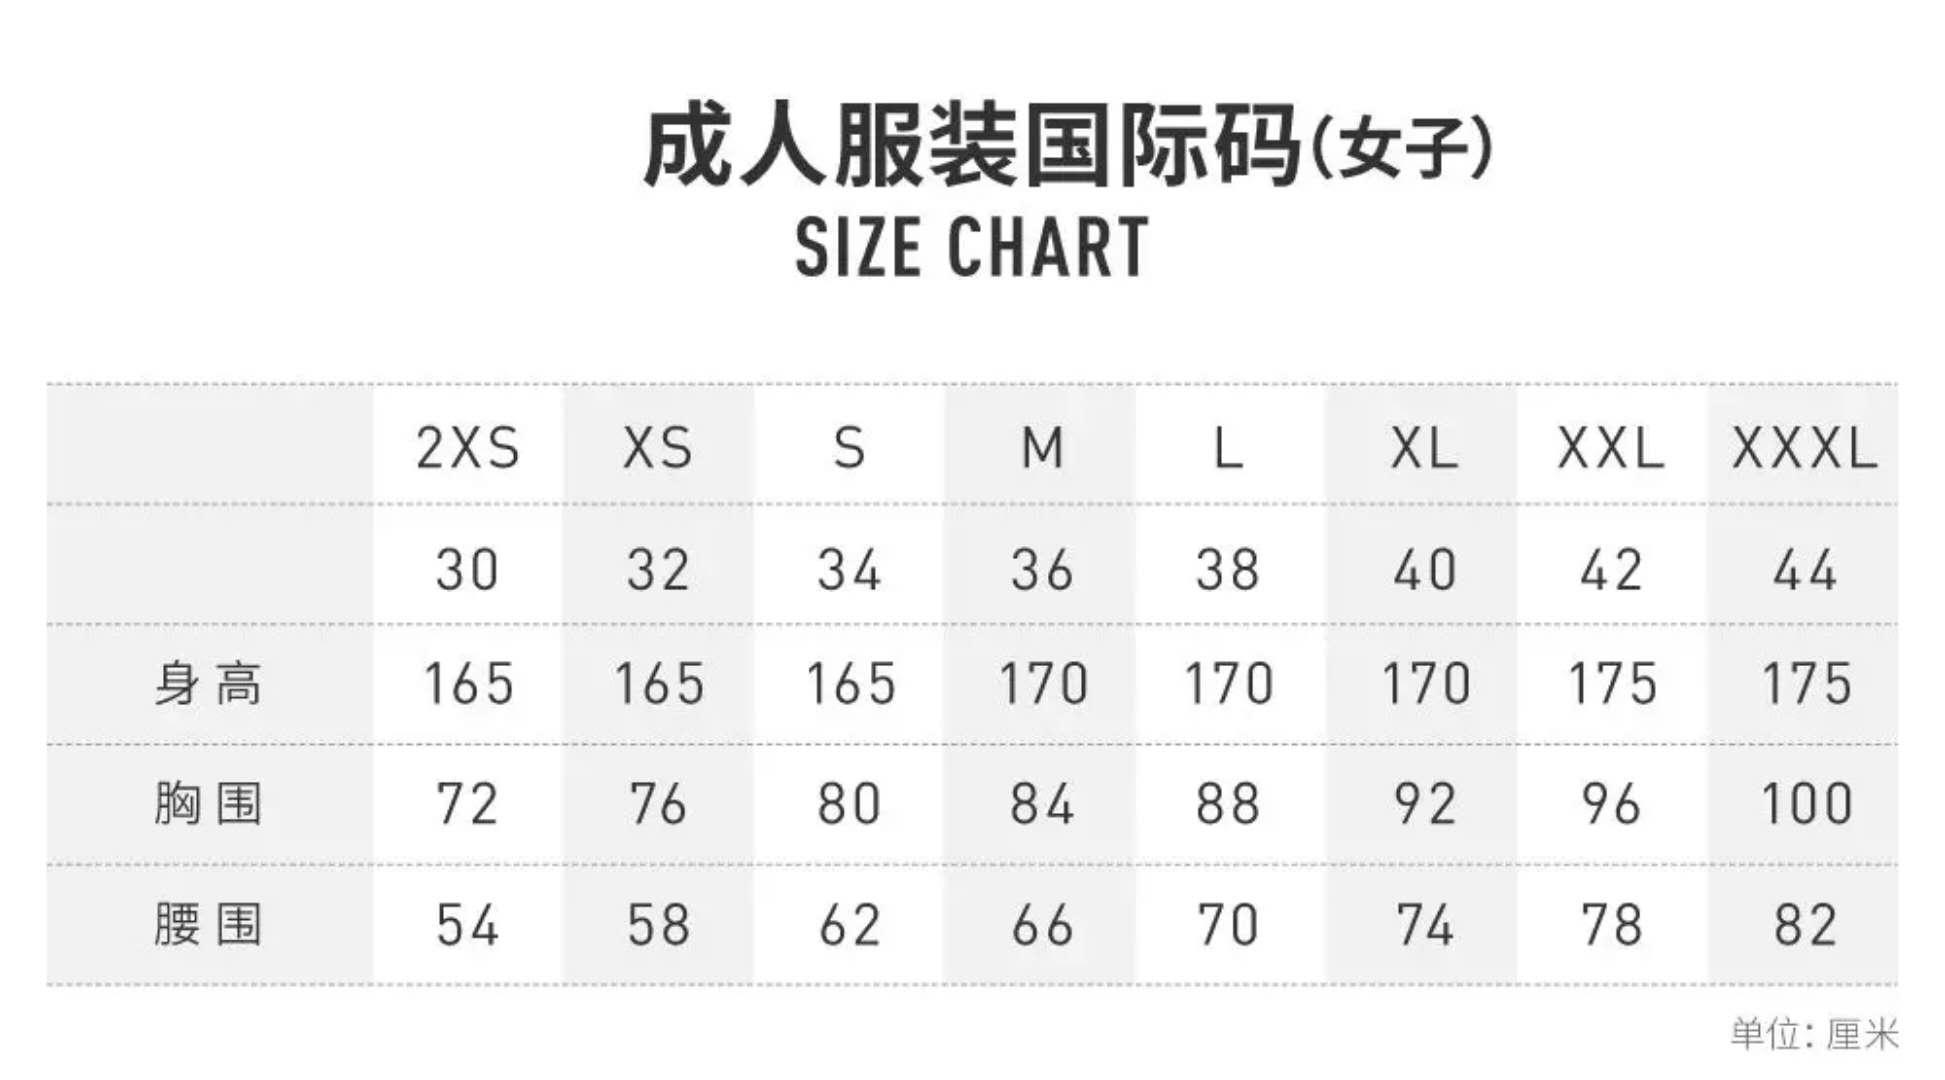 大码女装_求adidas正规的衣服尺码表_百度知道